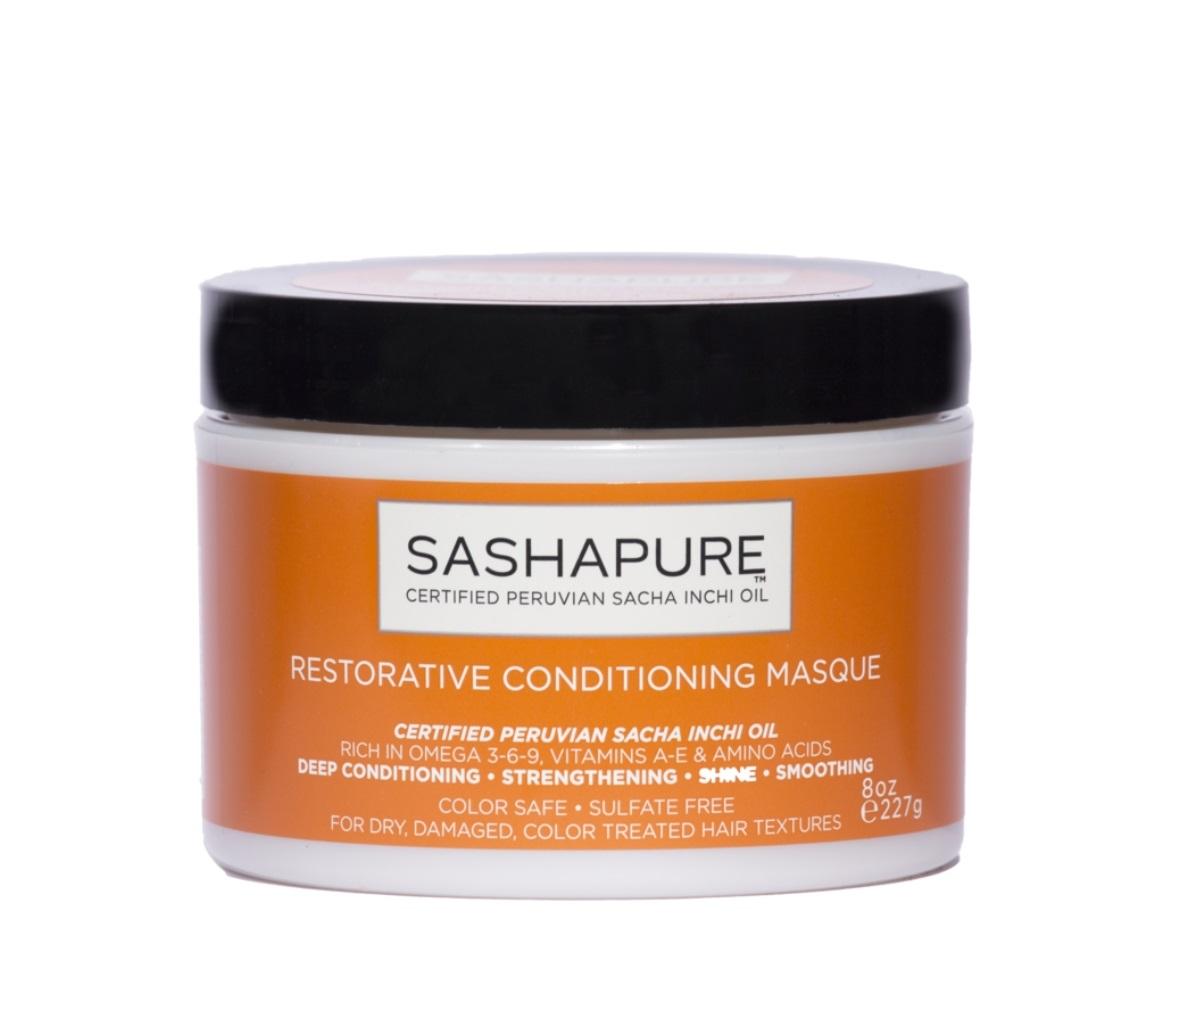 SASHAPURE Маска восстанавливающая бессульфатная для волос с натуральными маслами / Conditioning Masque 227 мл  - купить | Squper